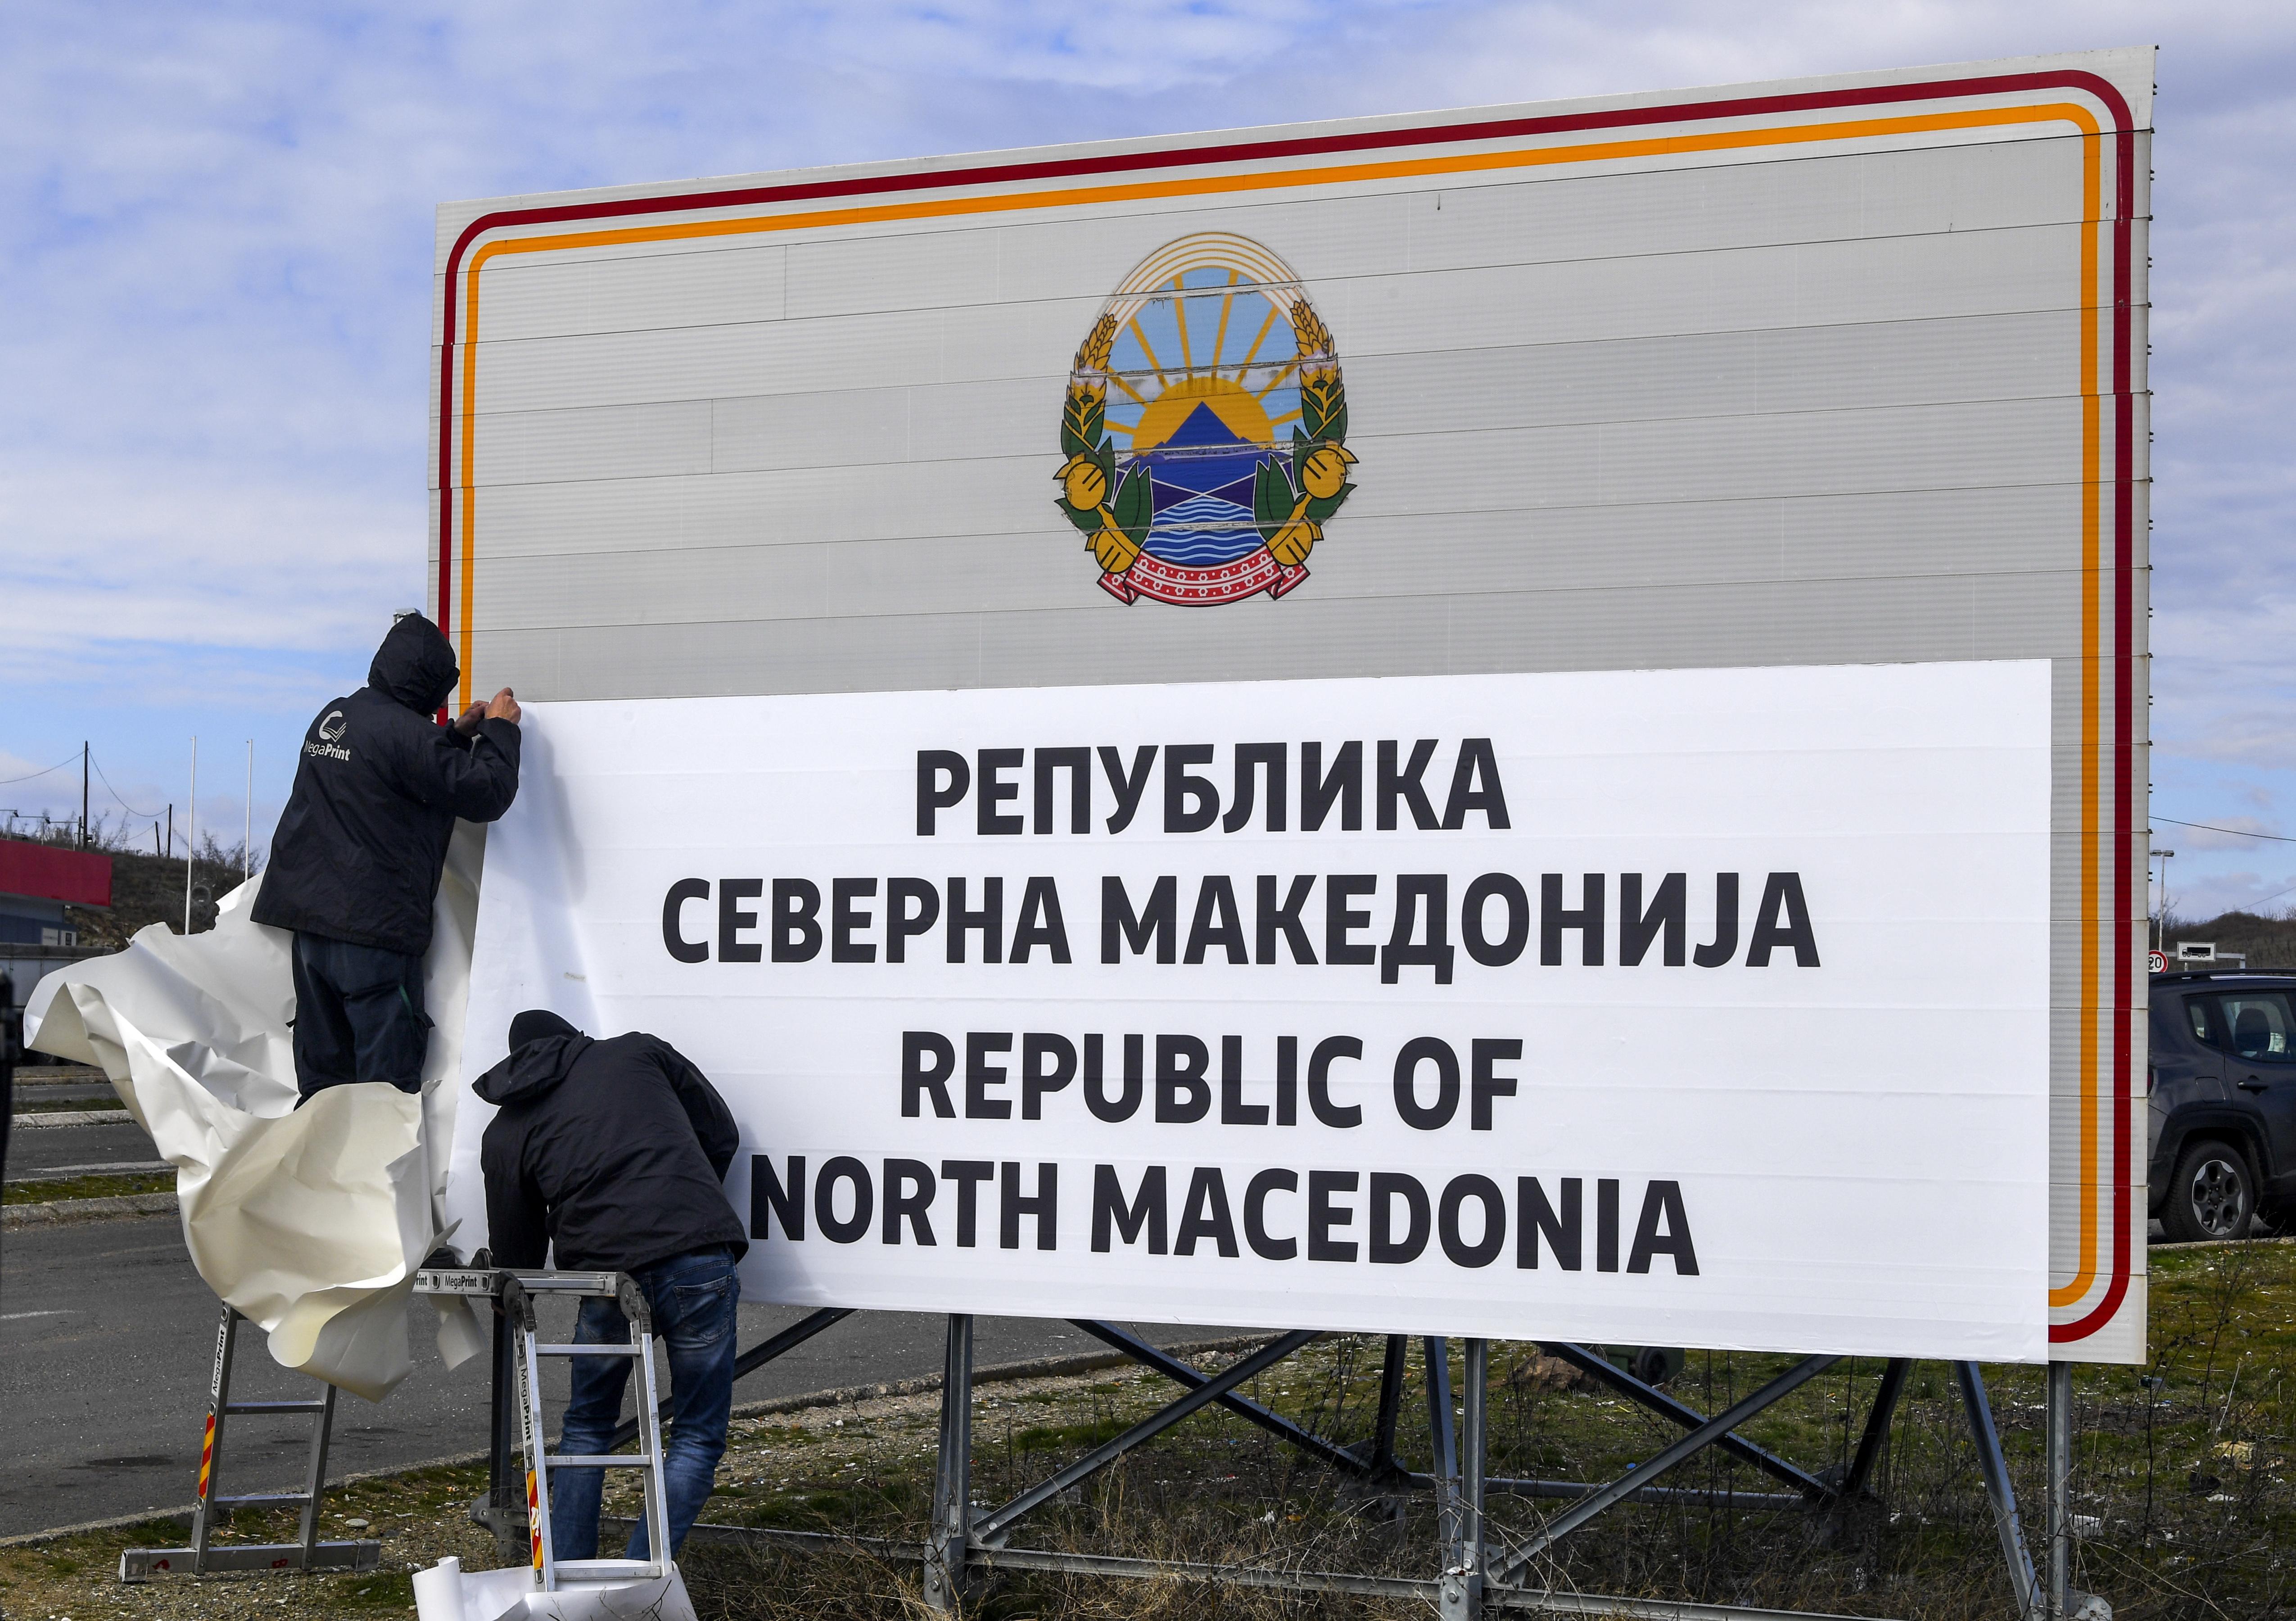 """Министерството на вътрешните работи трябва да започне издаването на нови регистрационни номера в рамките на четири месеца. Междувременно от министерството ще слагат стикери """"NMK """" на регистрационните номера на превозните средства."""